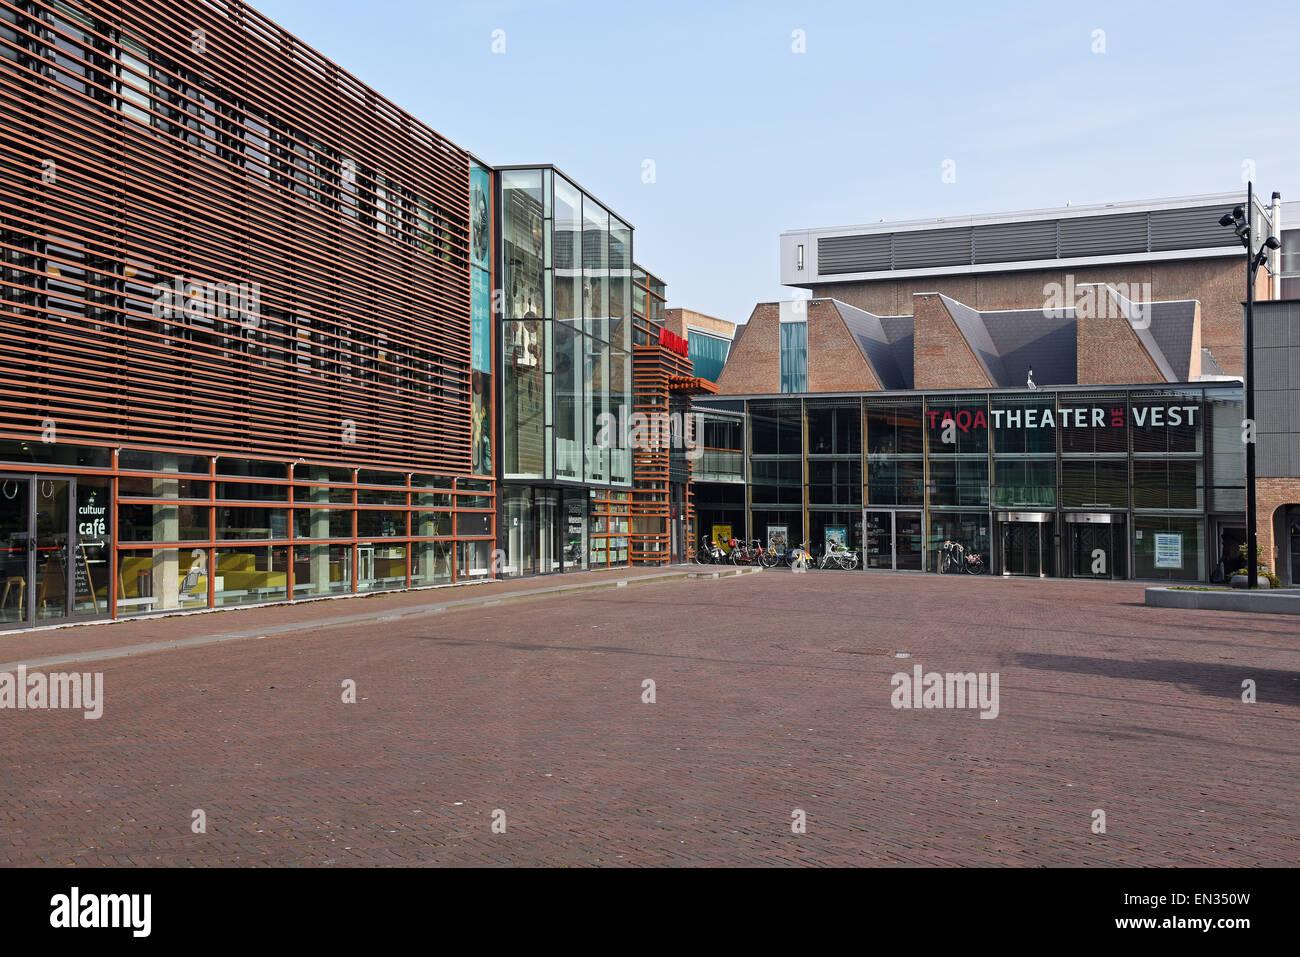 Stedelijk Museum, City Museum, Taqa Theater de Vest, Alkmaar, North Holland, The Netherlands - Stock Image